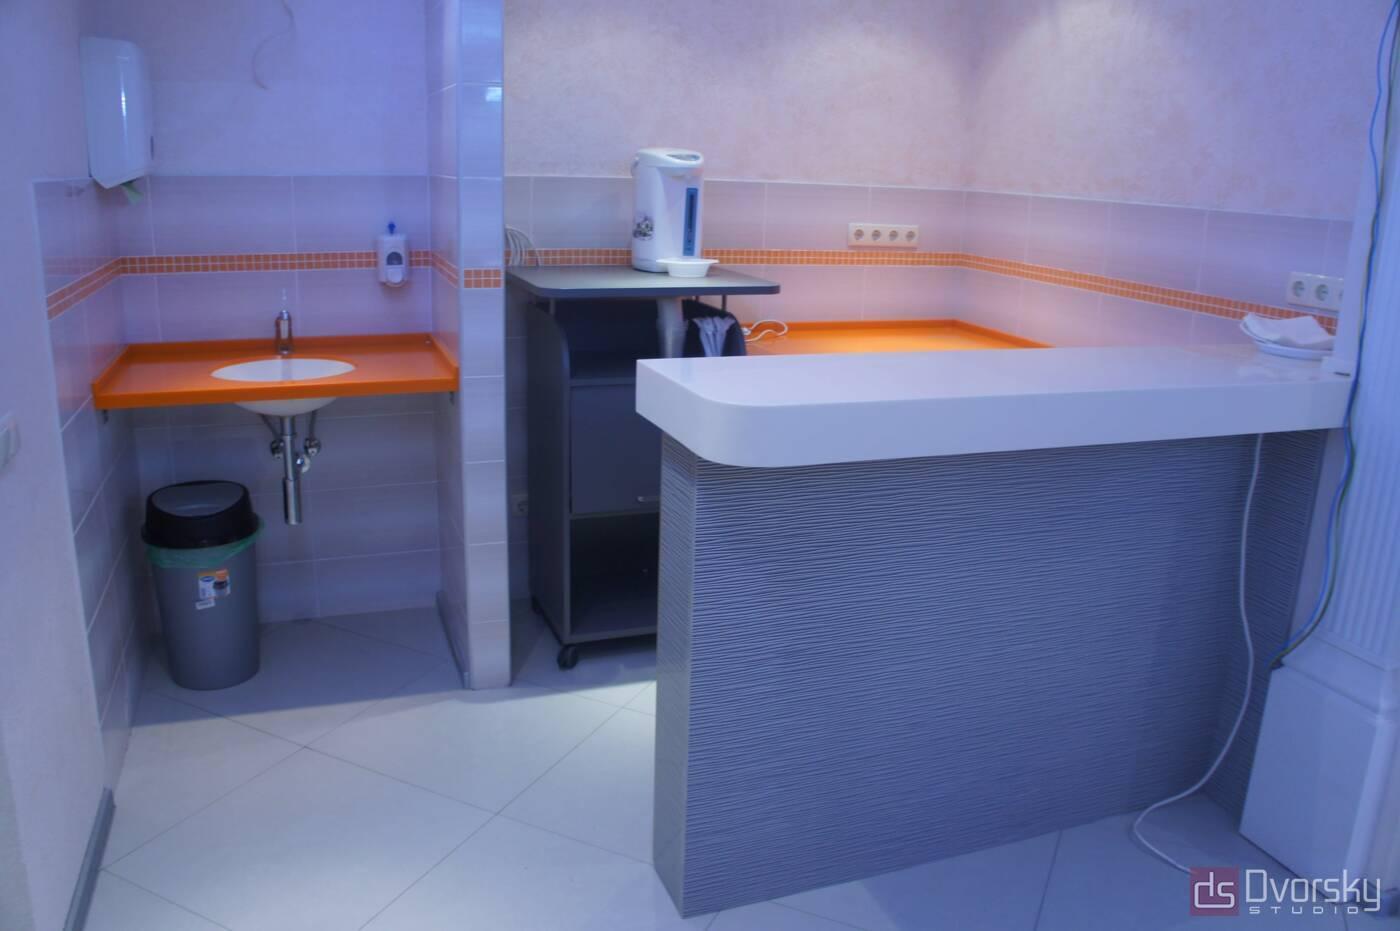 П - образні кухні Офісна кухня - Фото № 1